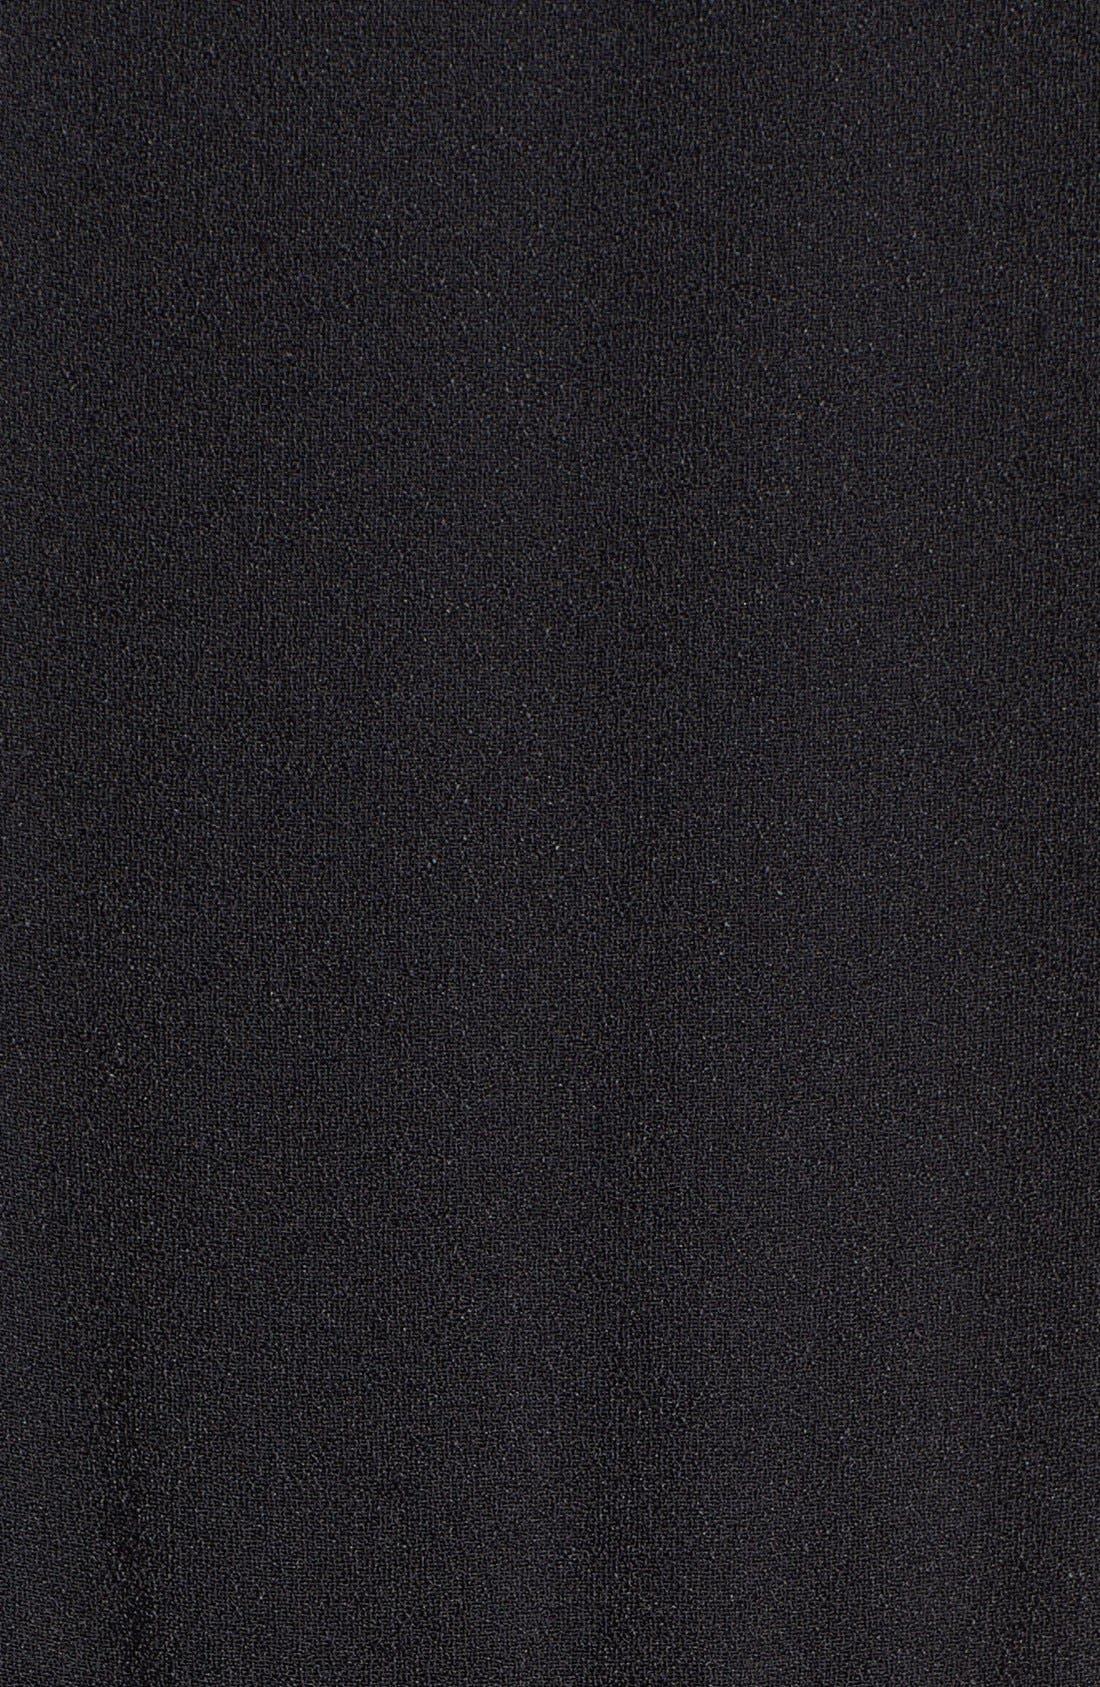 Alternate Image 3  - 3.1 Phillip Lim Embellished Neck Jumpsuit